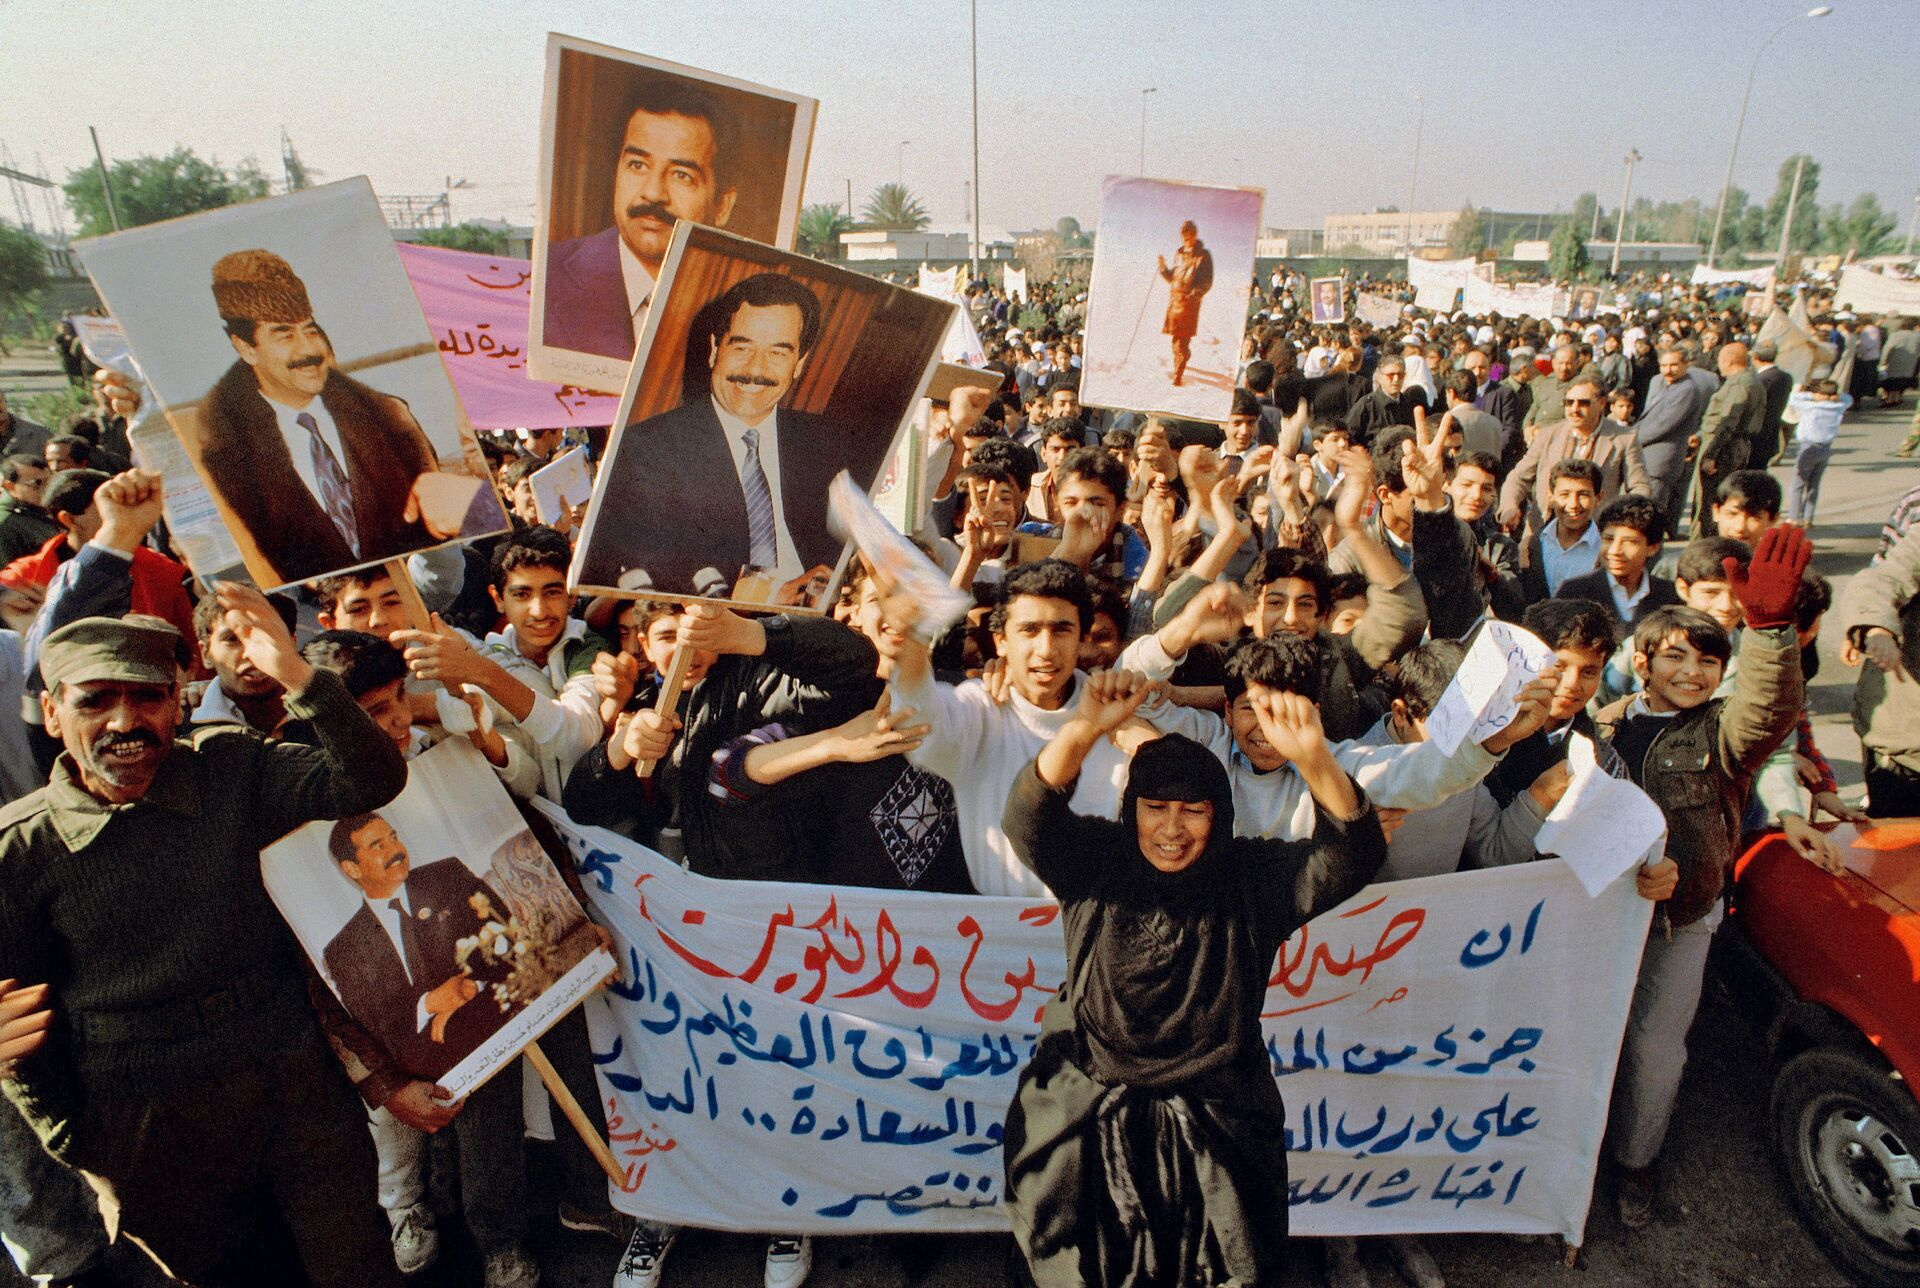 Антивоенная демонстрация у посольства США в Багдаде 15 января 1991 г. - РИА Новости, 1920, 13.01.2021